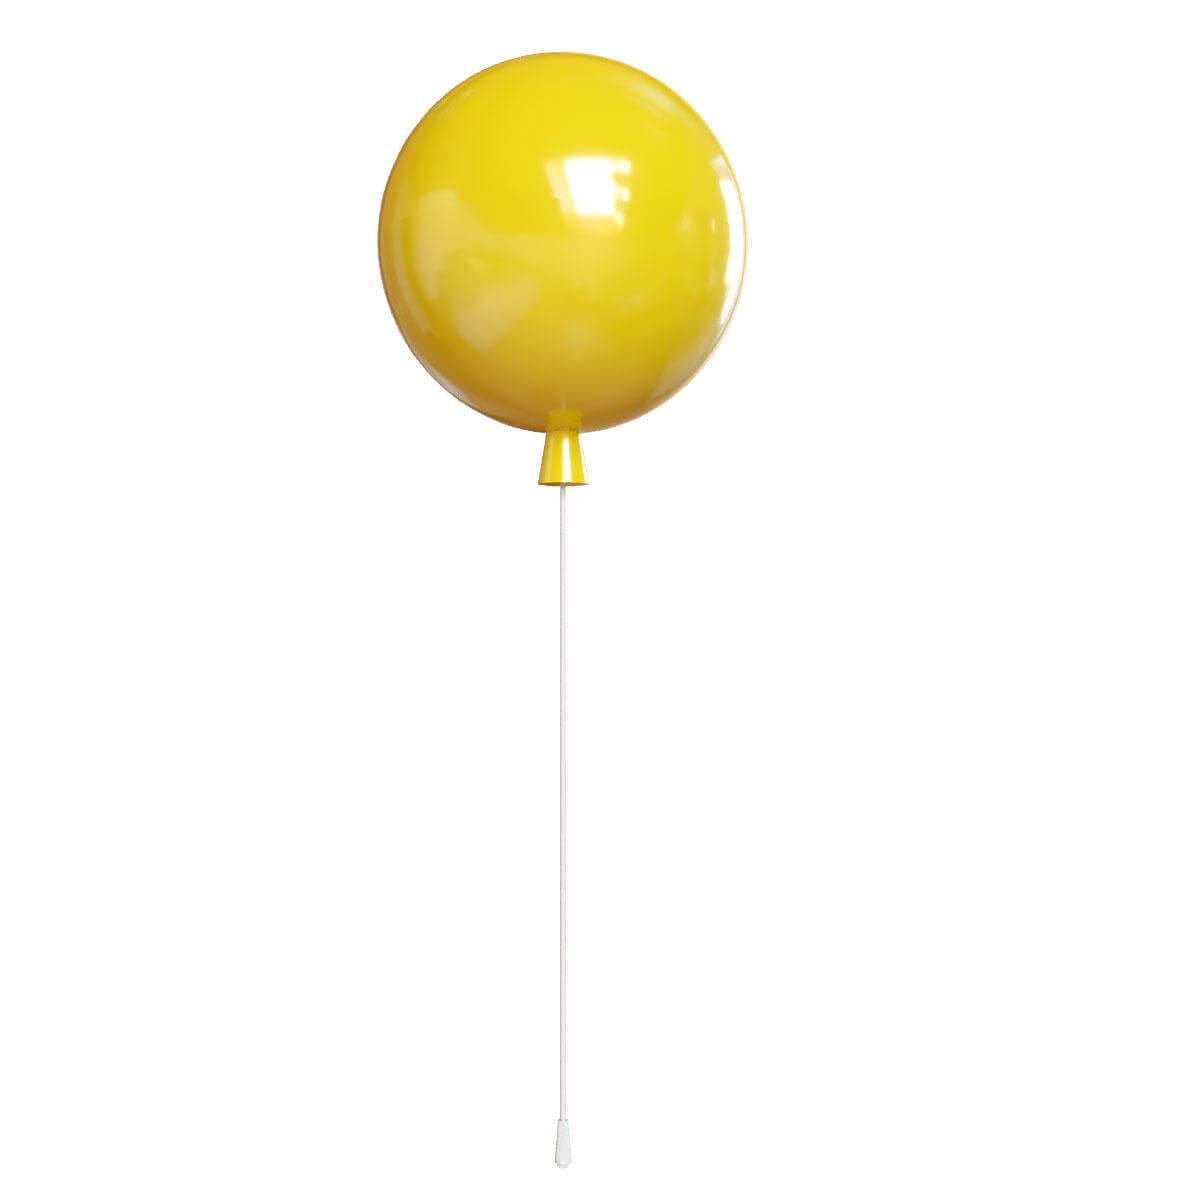 Светильник Loft IT 5055C/L yellow 5055 yellow потолочный светильник loft it 5055c m yellow